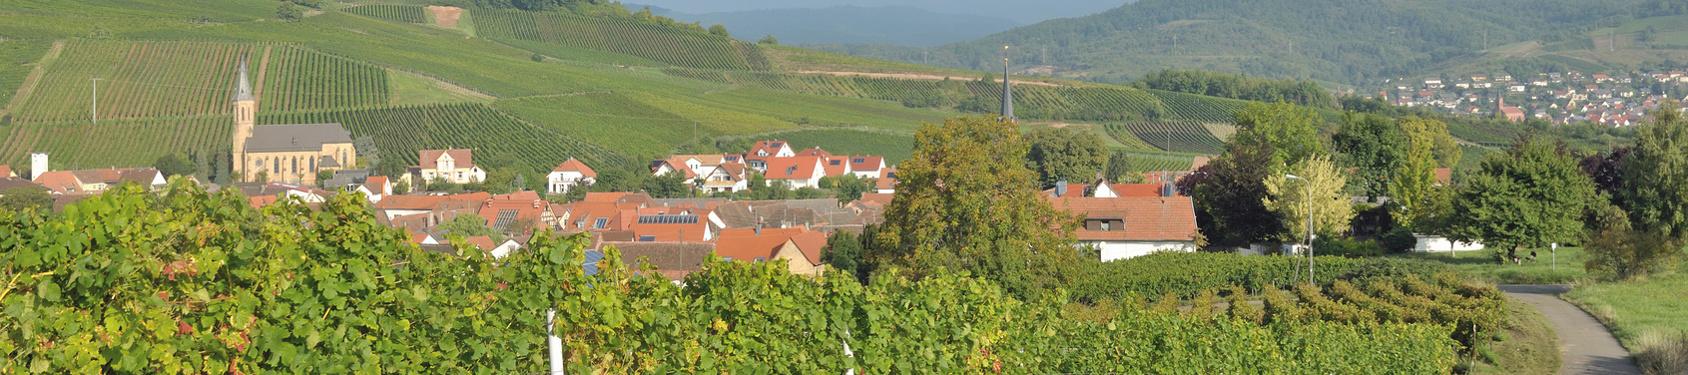 Bild von Birkweiler